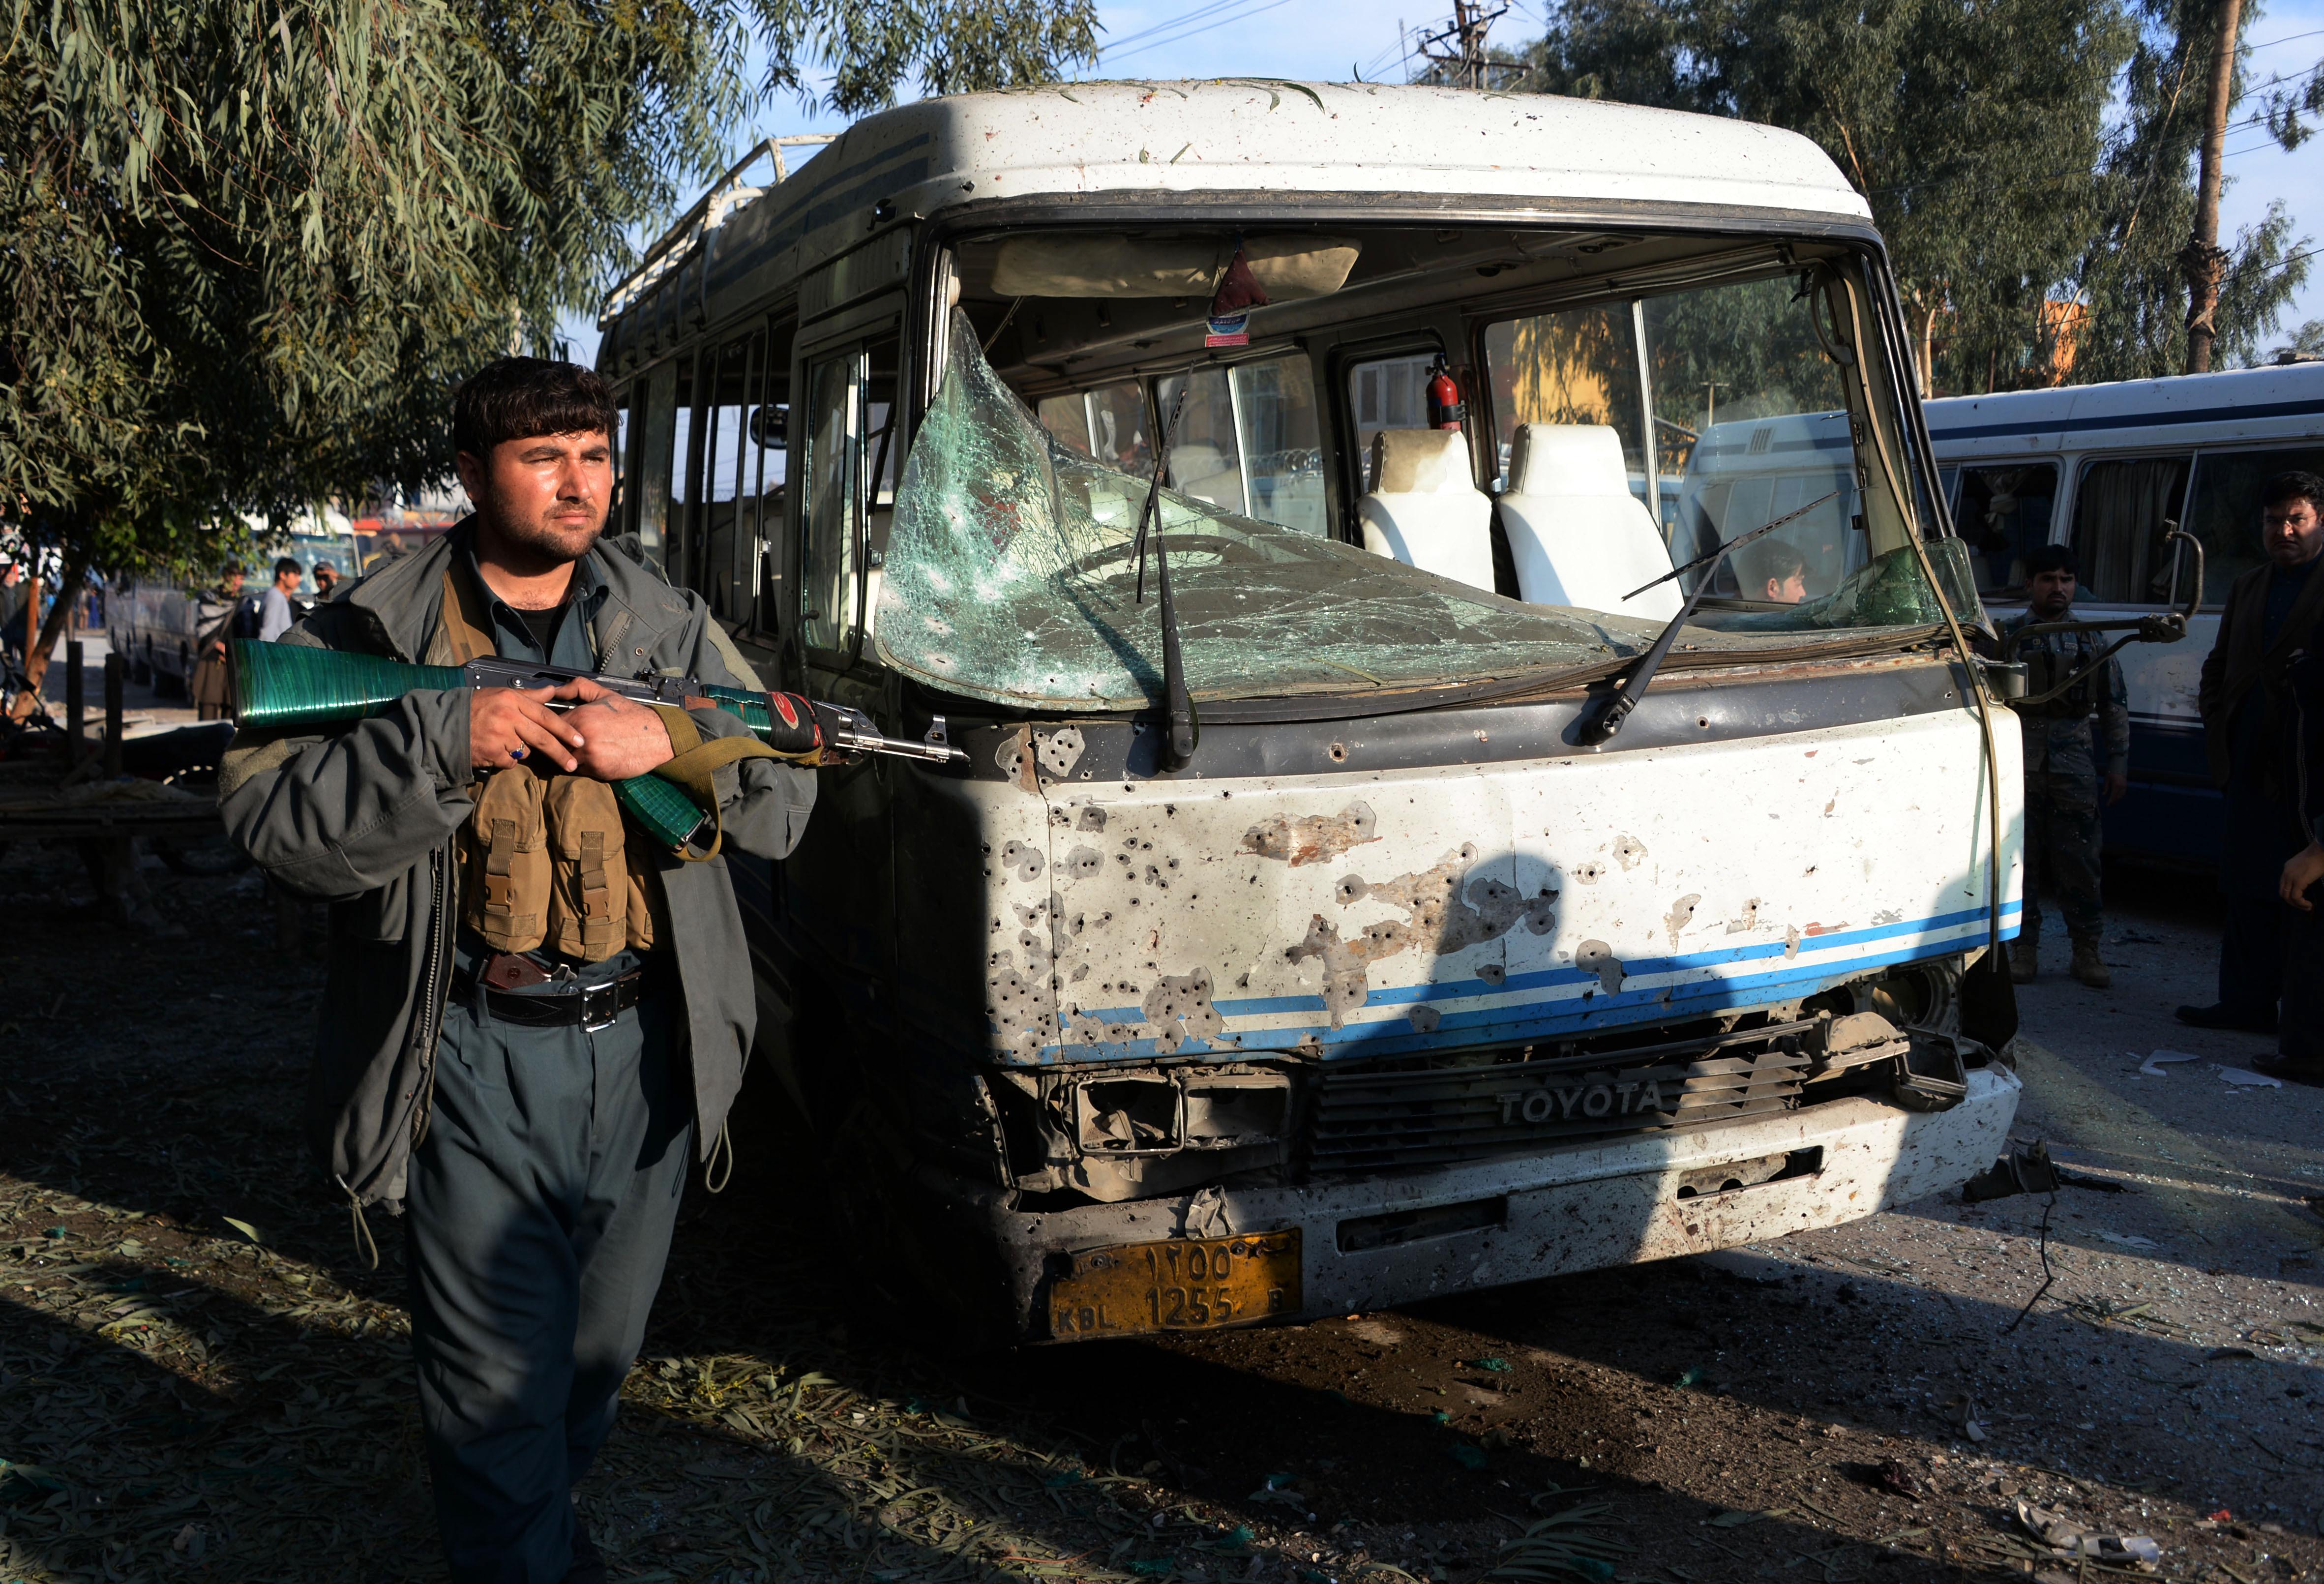 طالبان و داعش مسئوول بلند رفتن سطح تلفات ملکی در سال ۲۰۱۷ در افغانستان استند